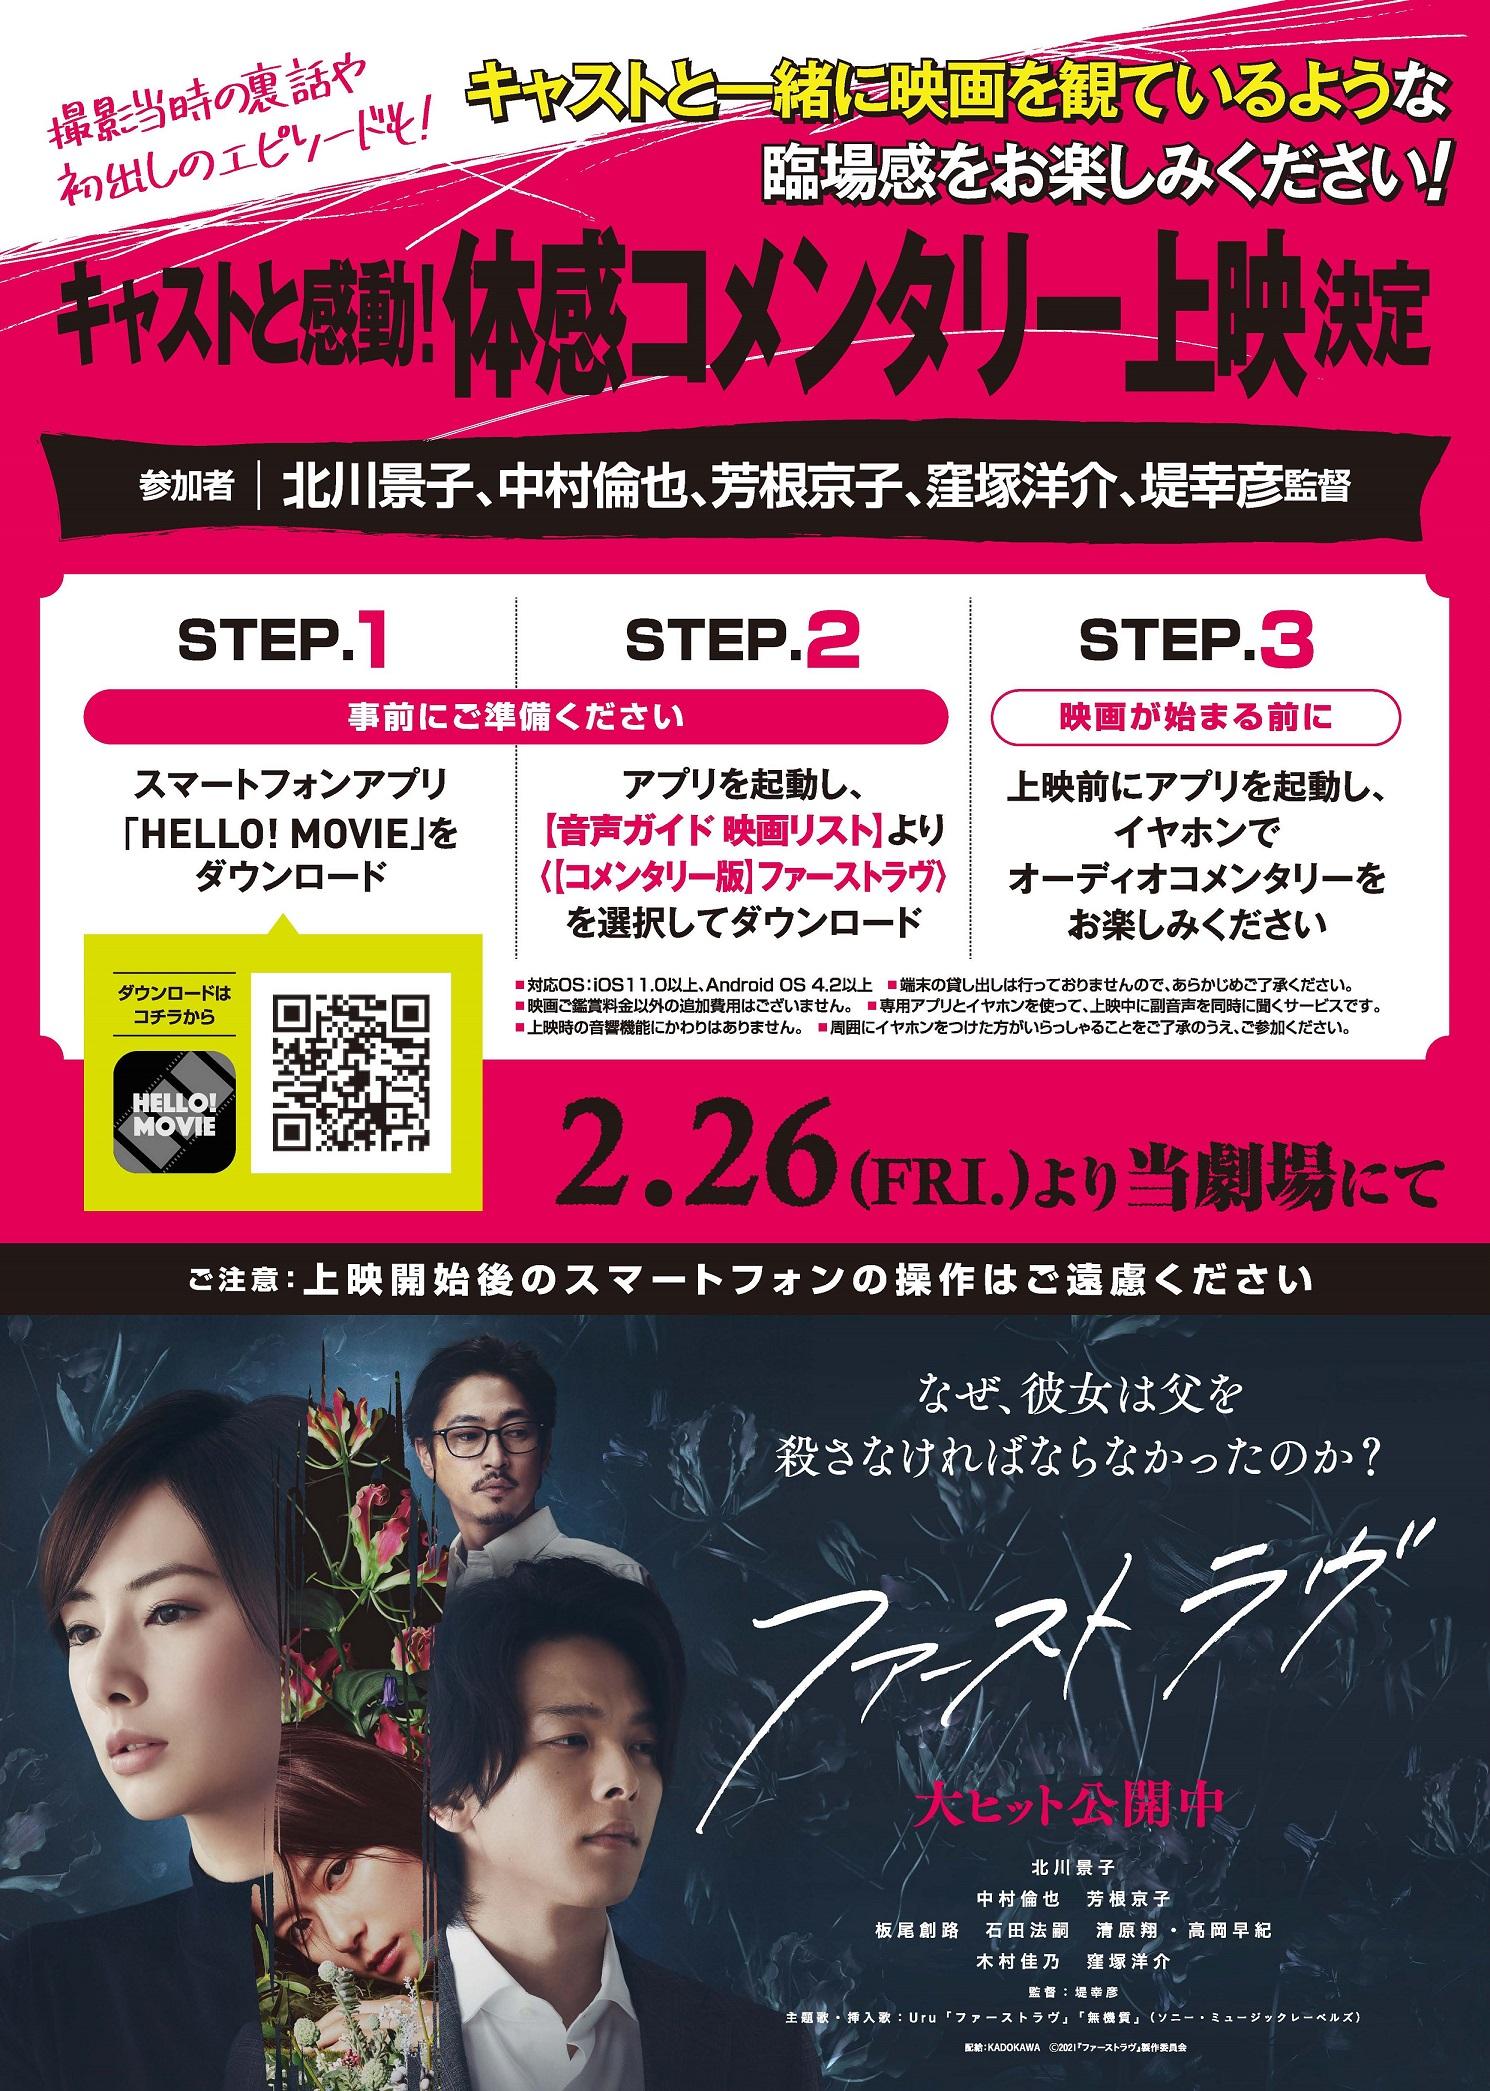 「キャストと感動!体感コメンタリー上映」実施決定!